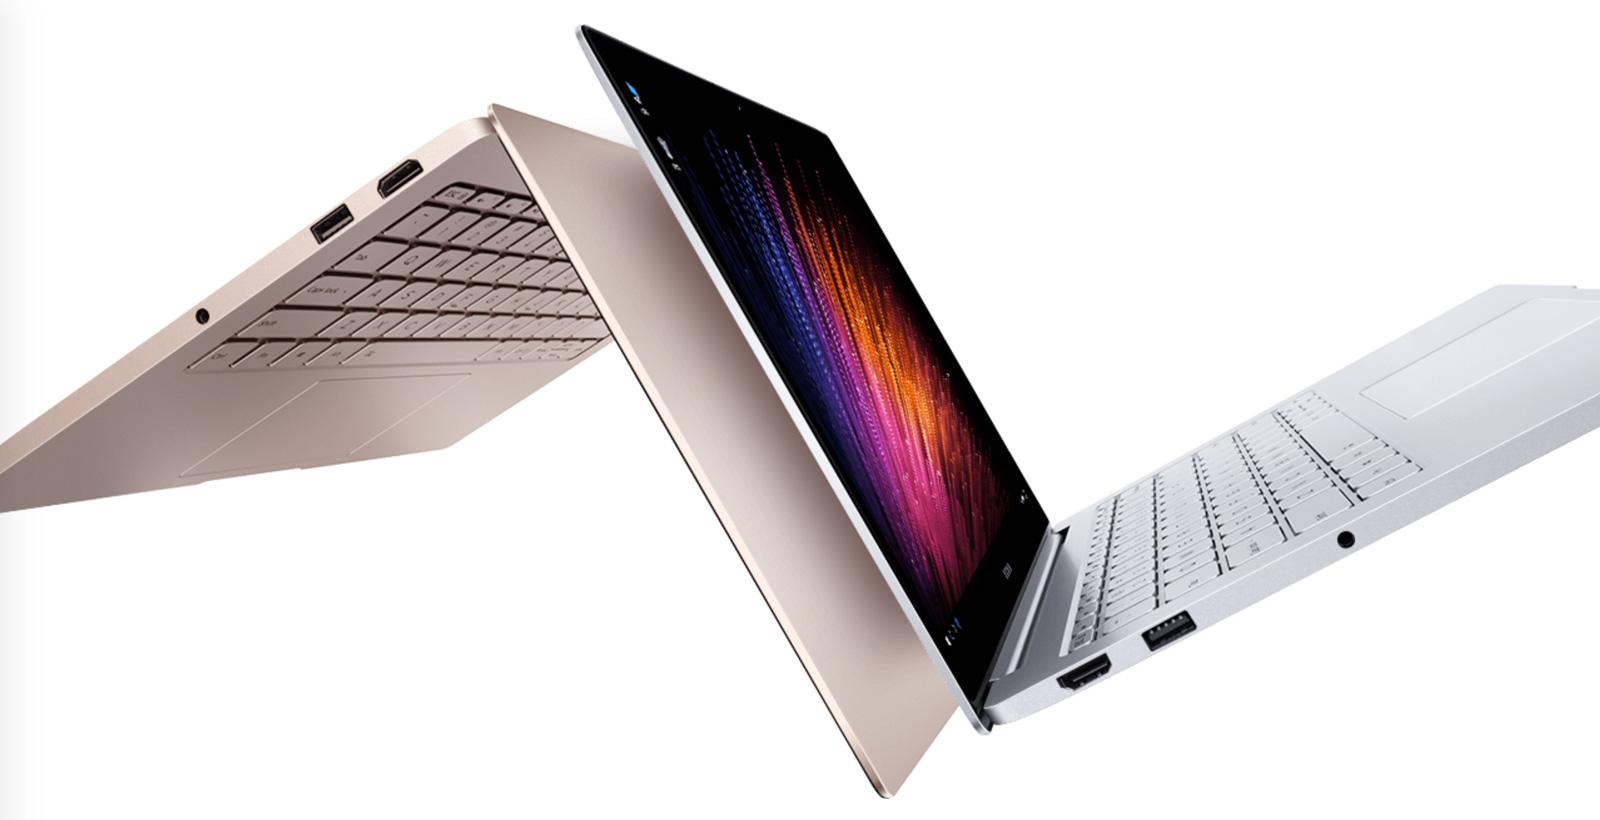 La gamme Mi Notebook Air est offerte avec une coque dorée ou argentée.